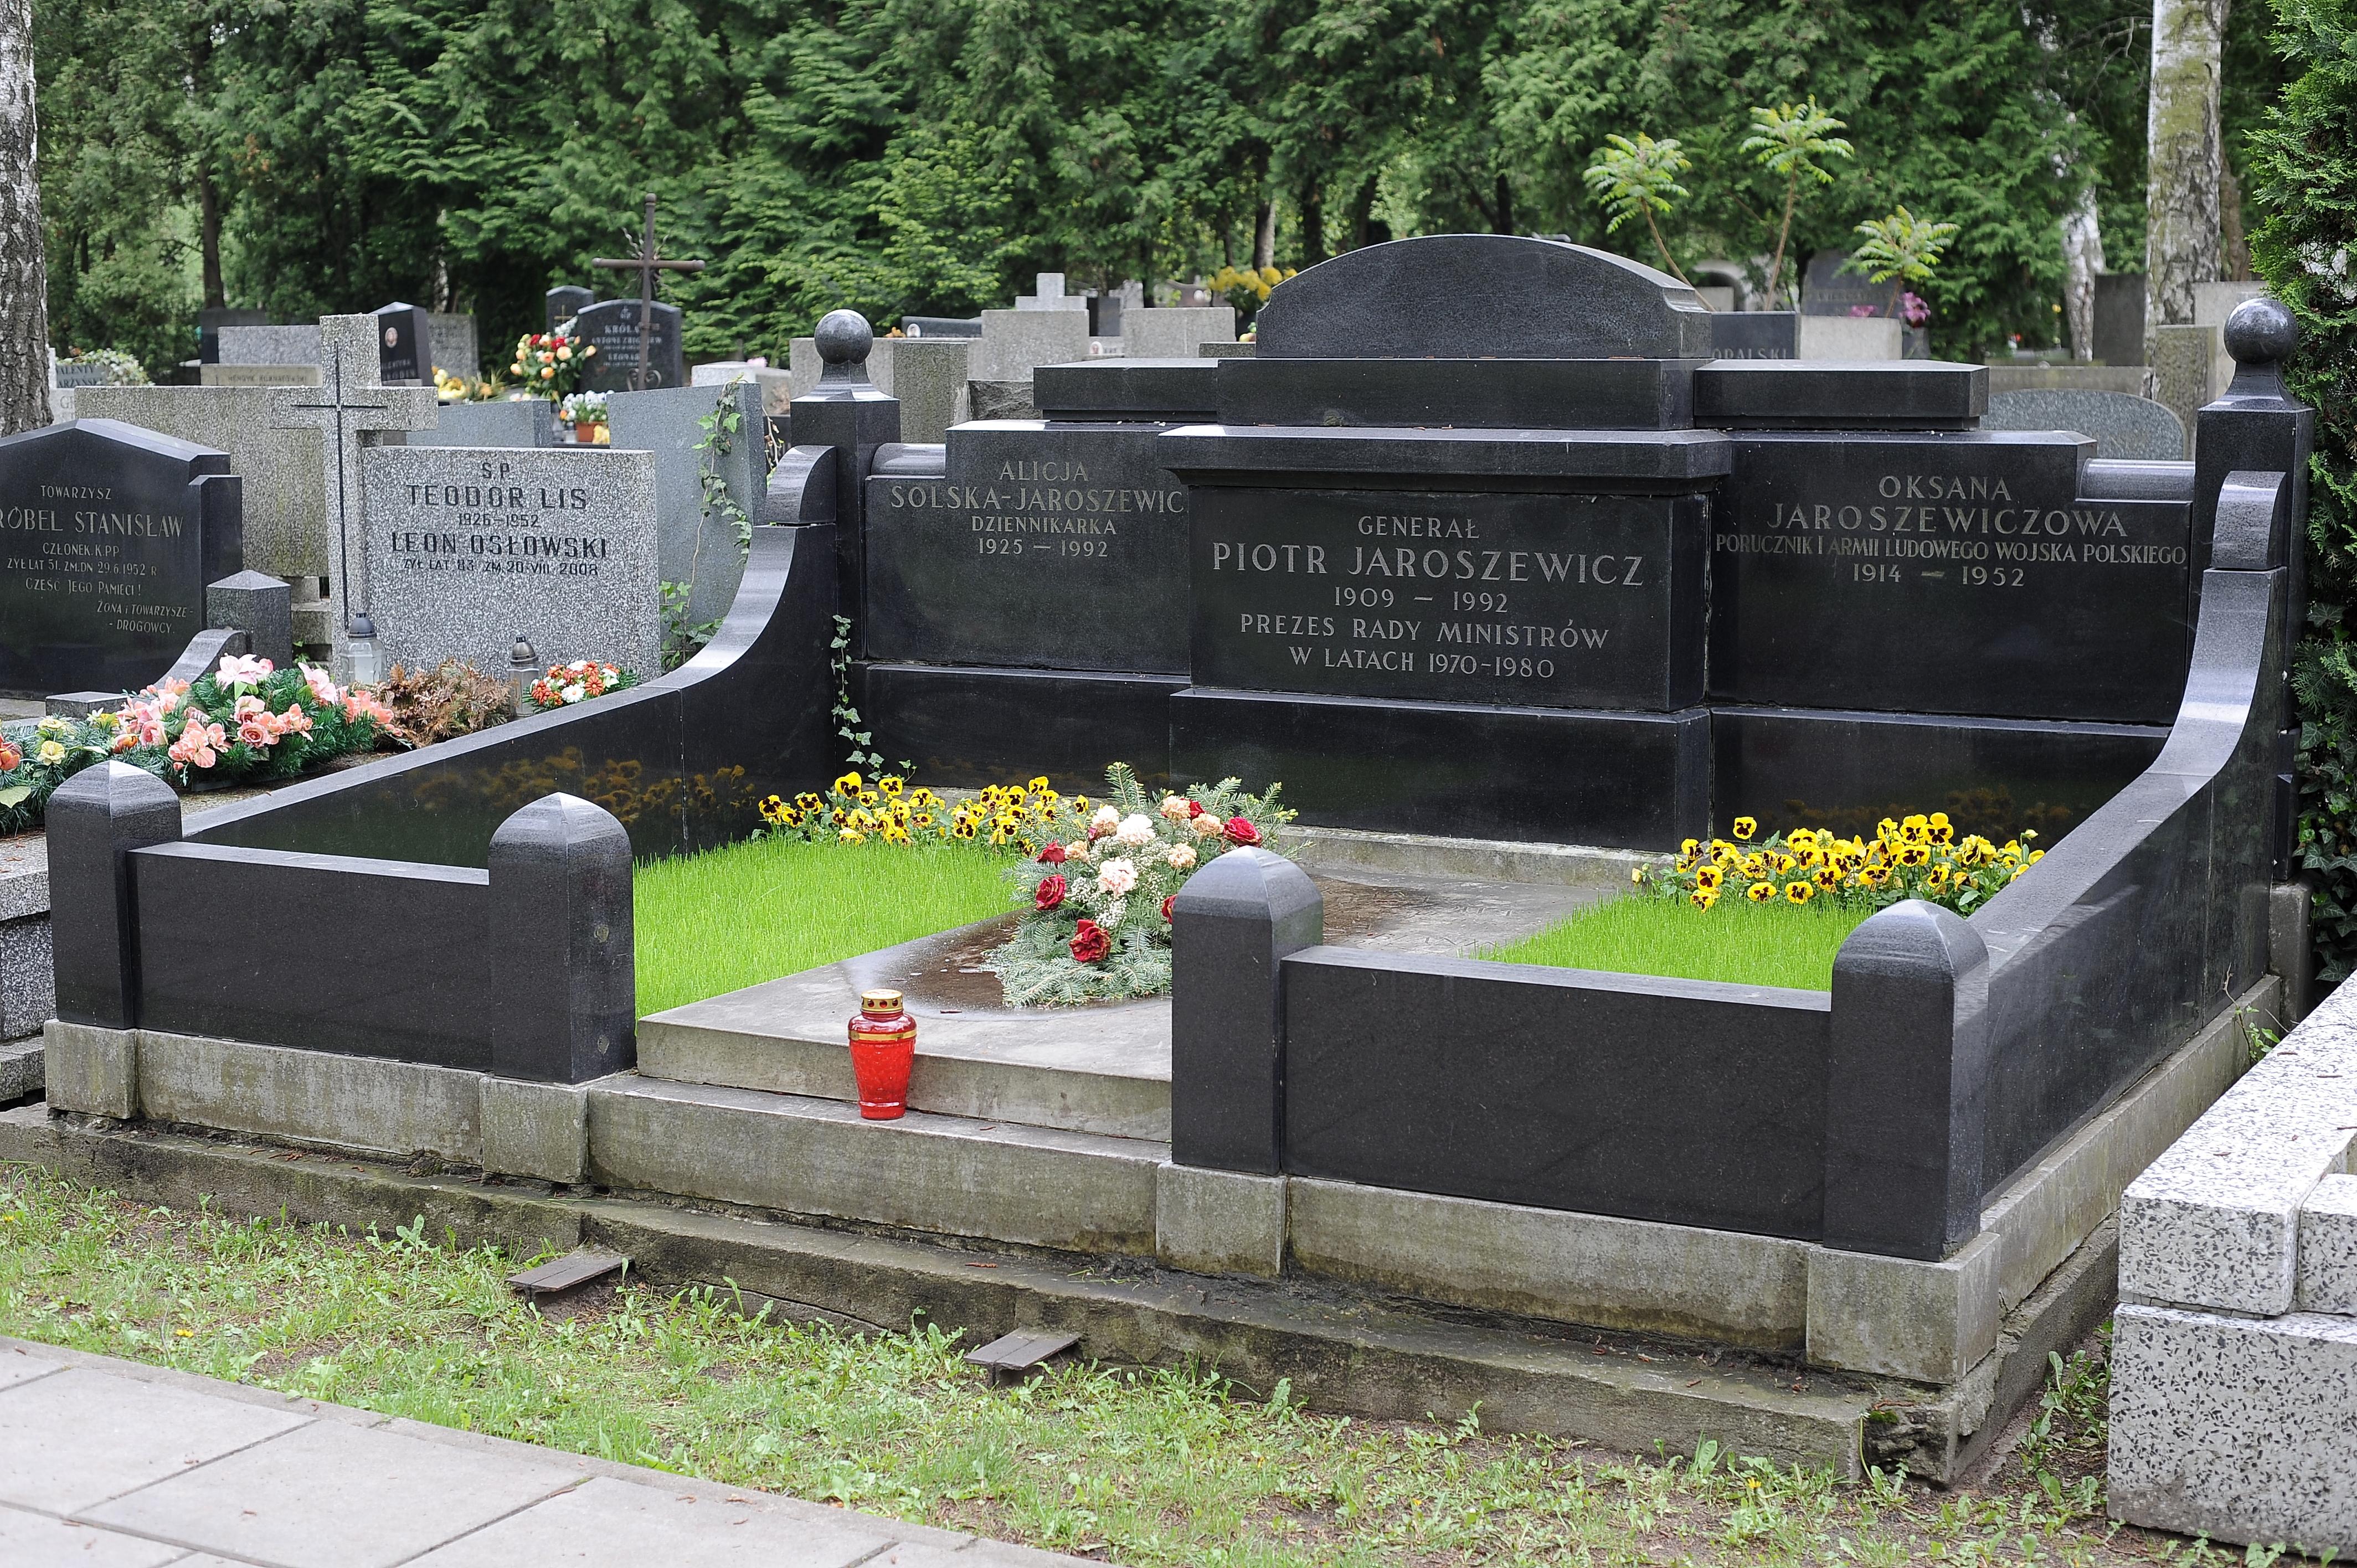 File:Piotr Jaroszewicz grave.jpg - Wikimedia Commons